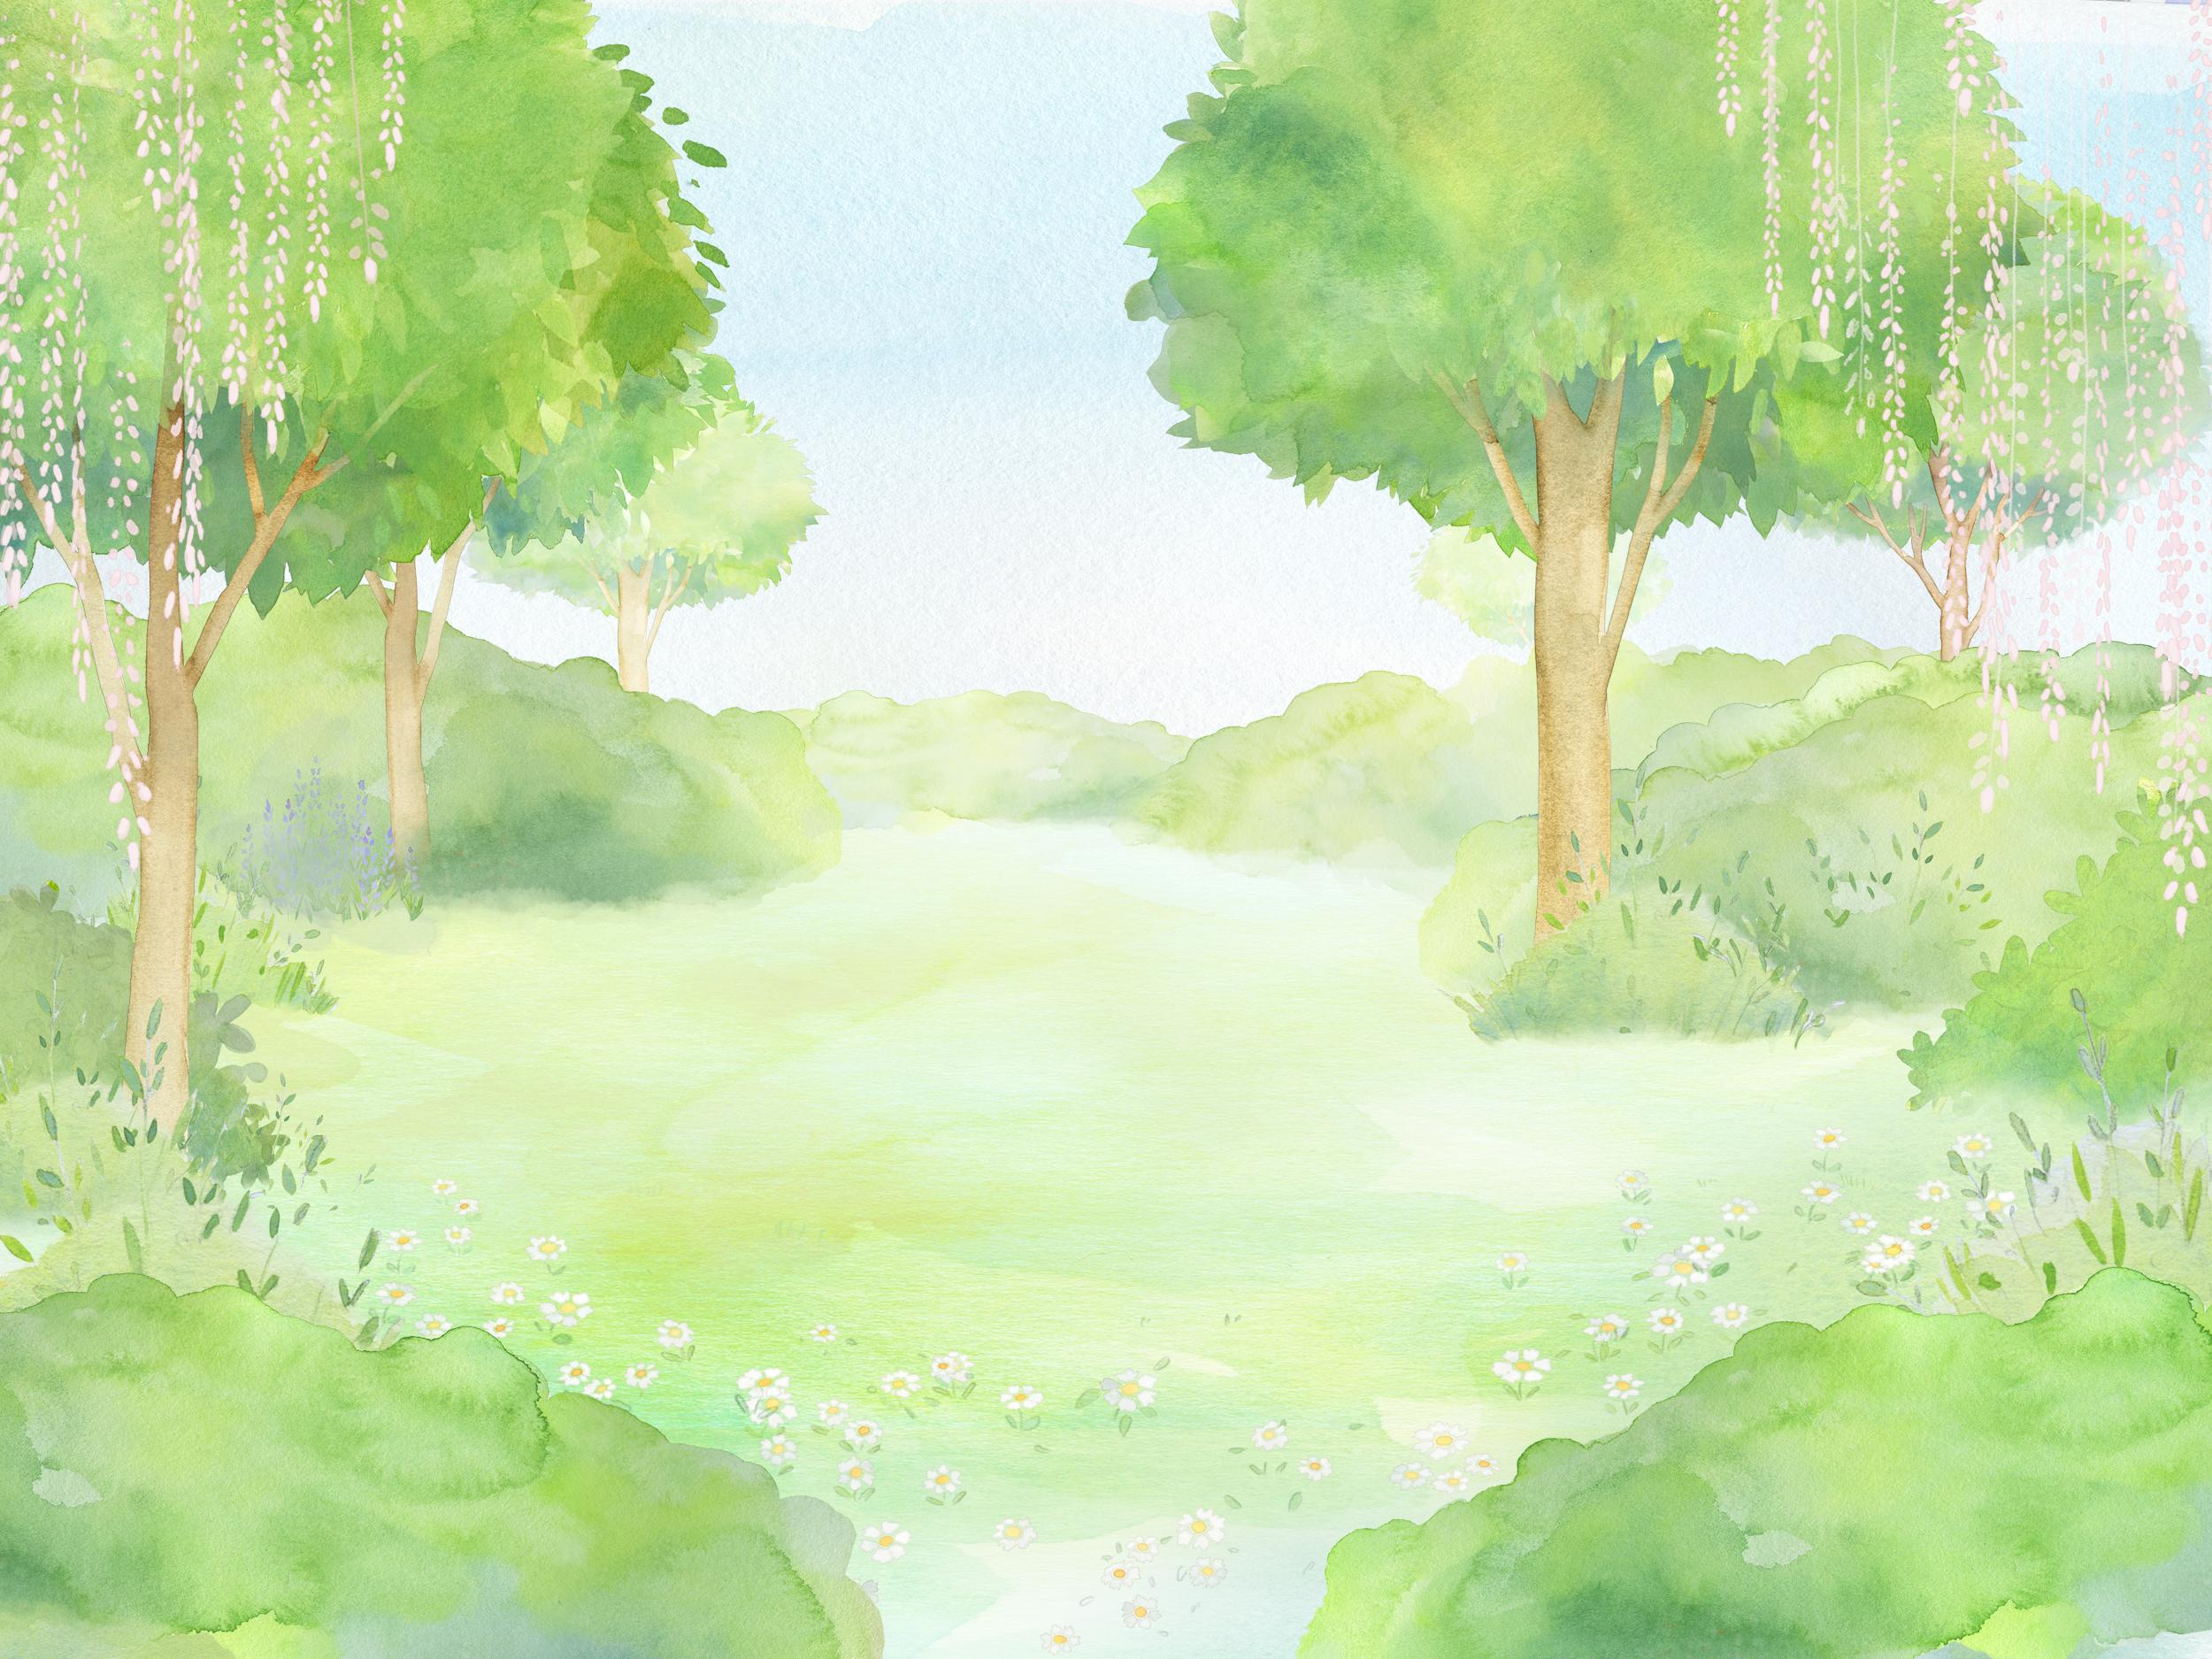 Spring_2012_01.jpg